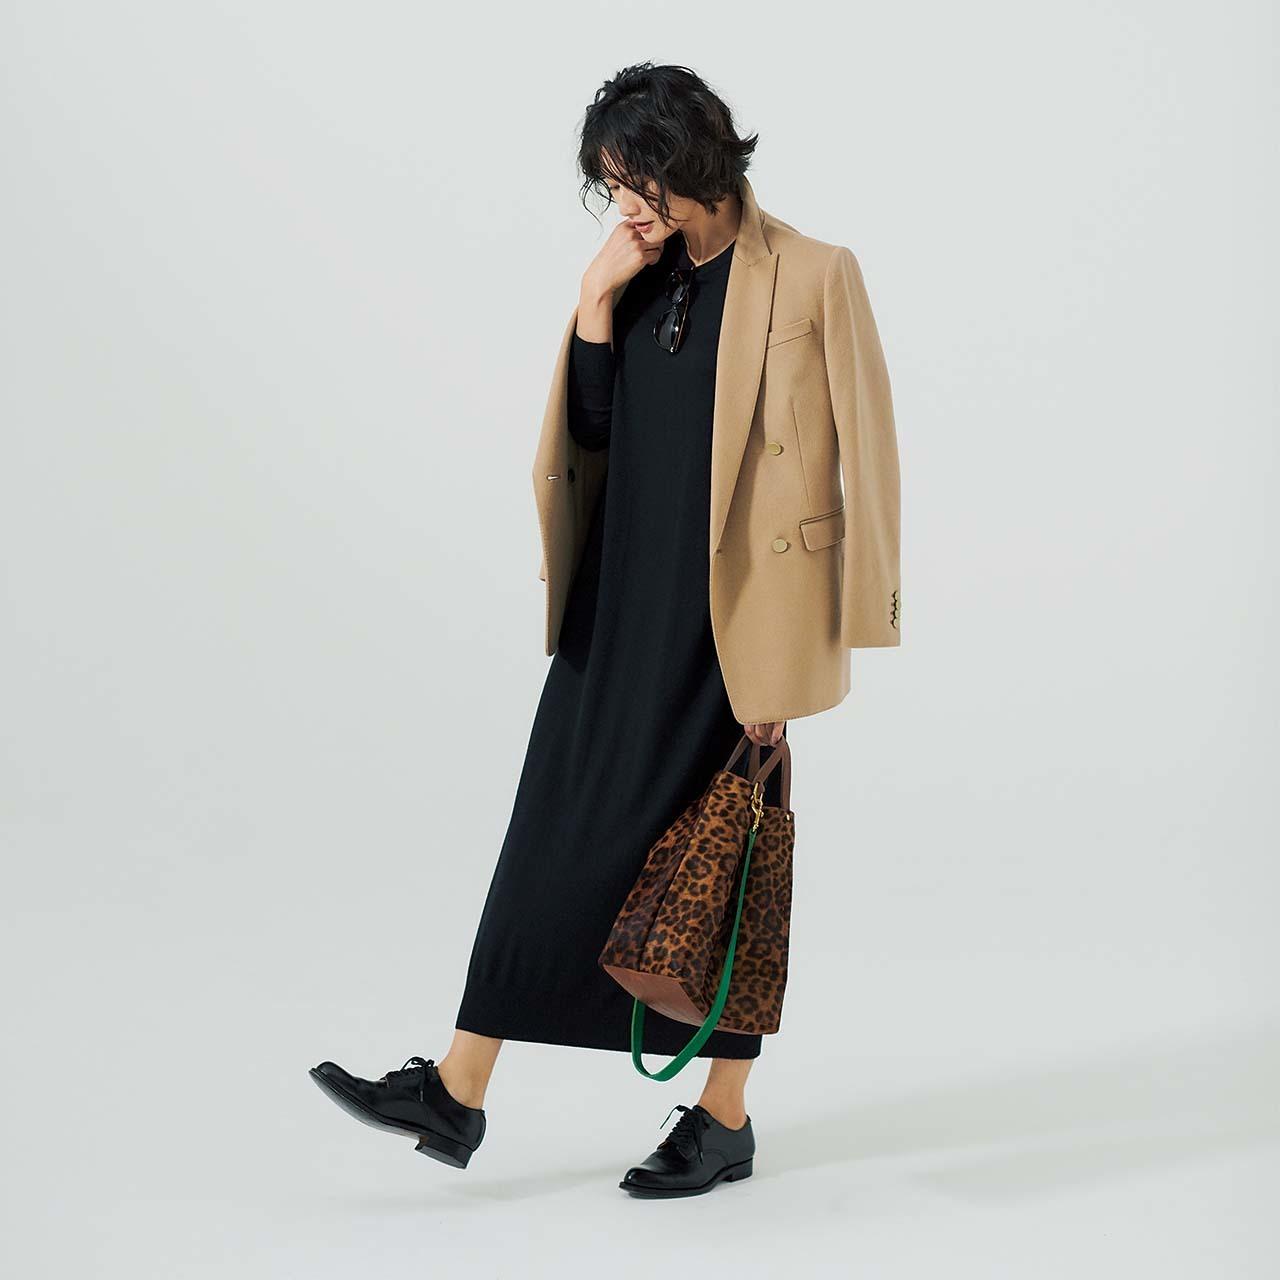 キャメルのジャケット&ニットワンピースを着たモデルの渡辺佳子さん